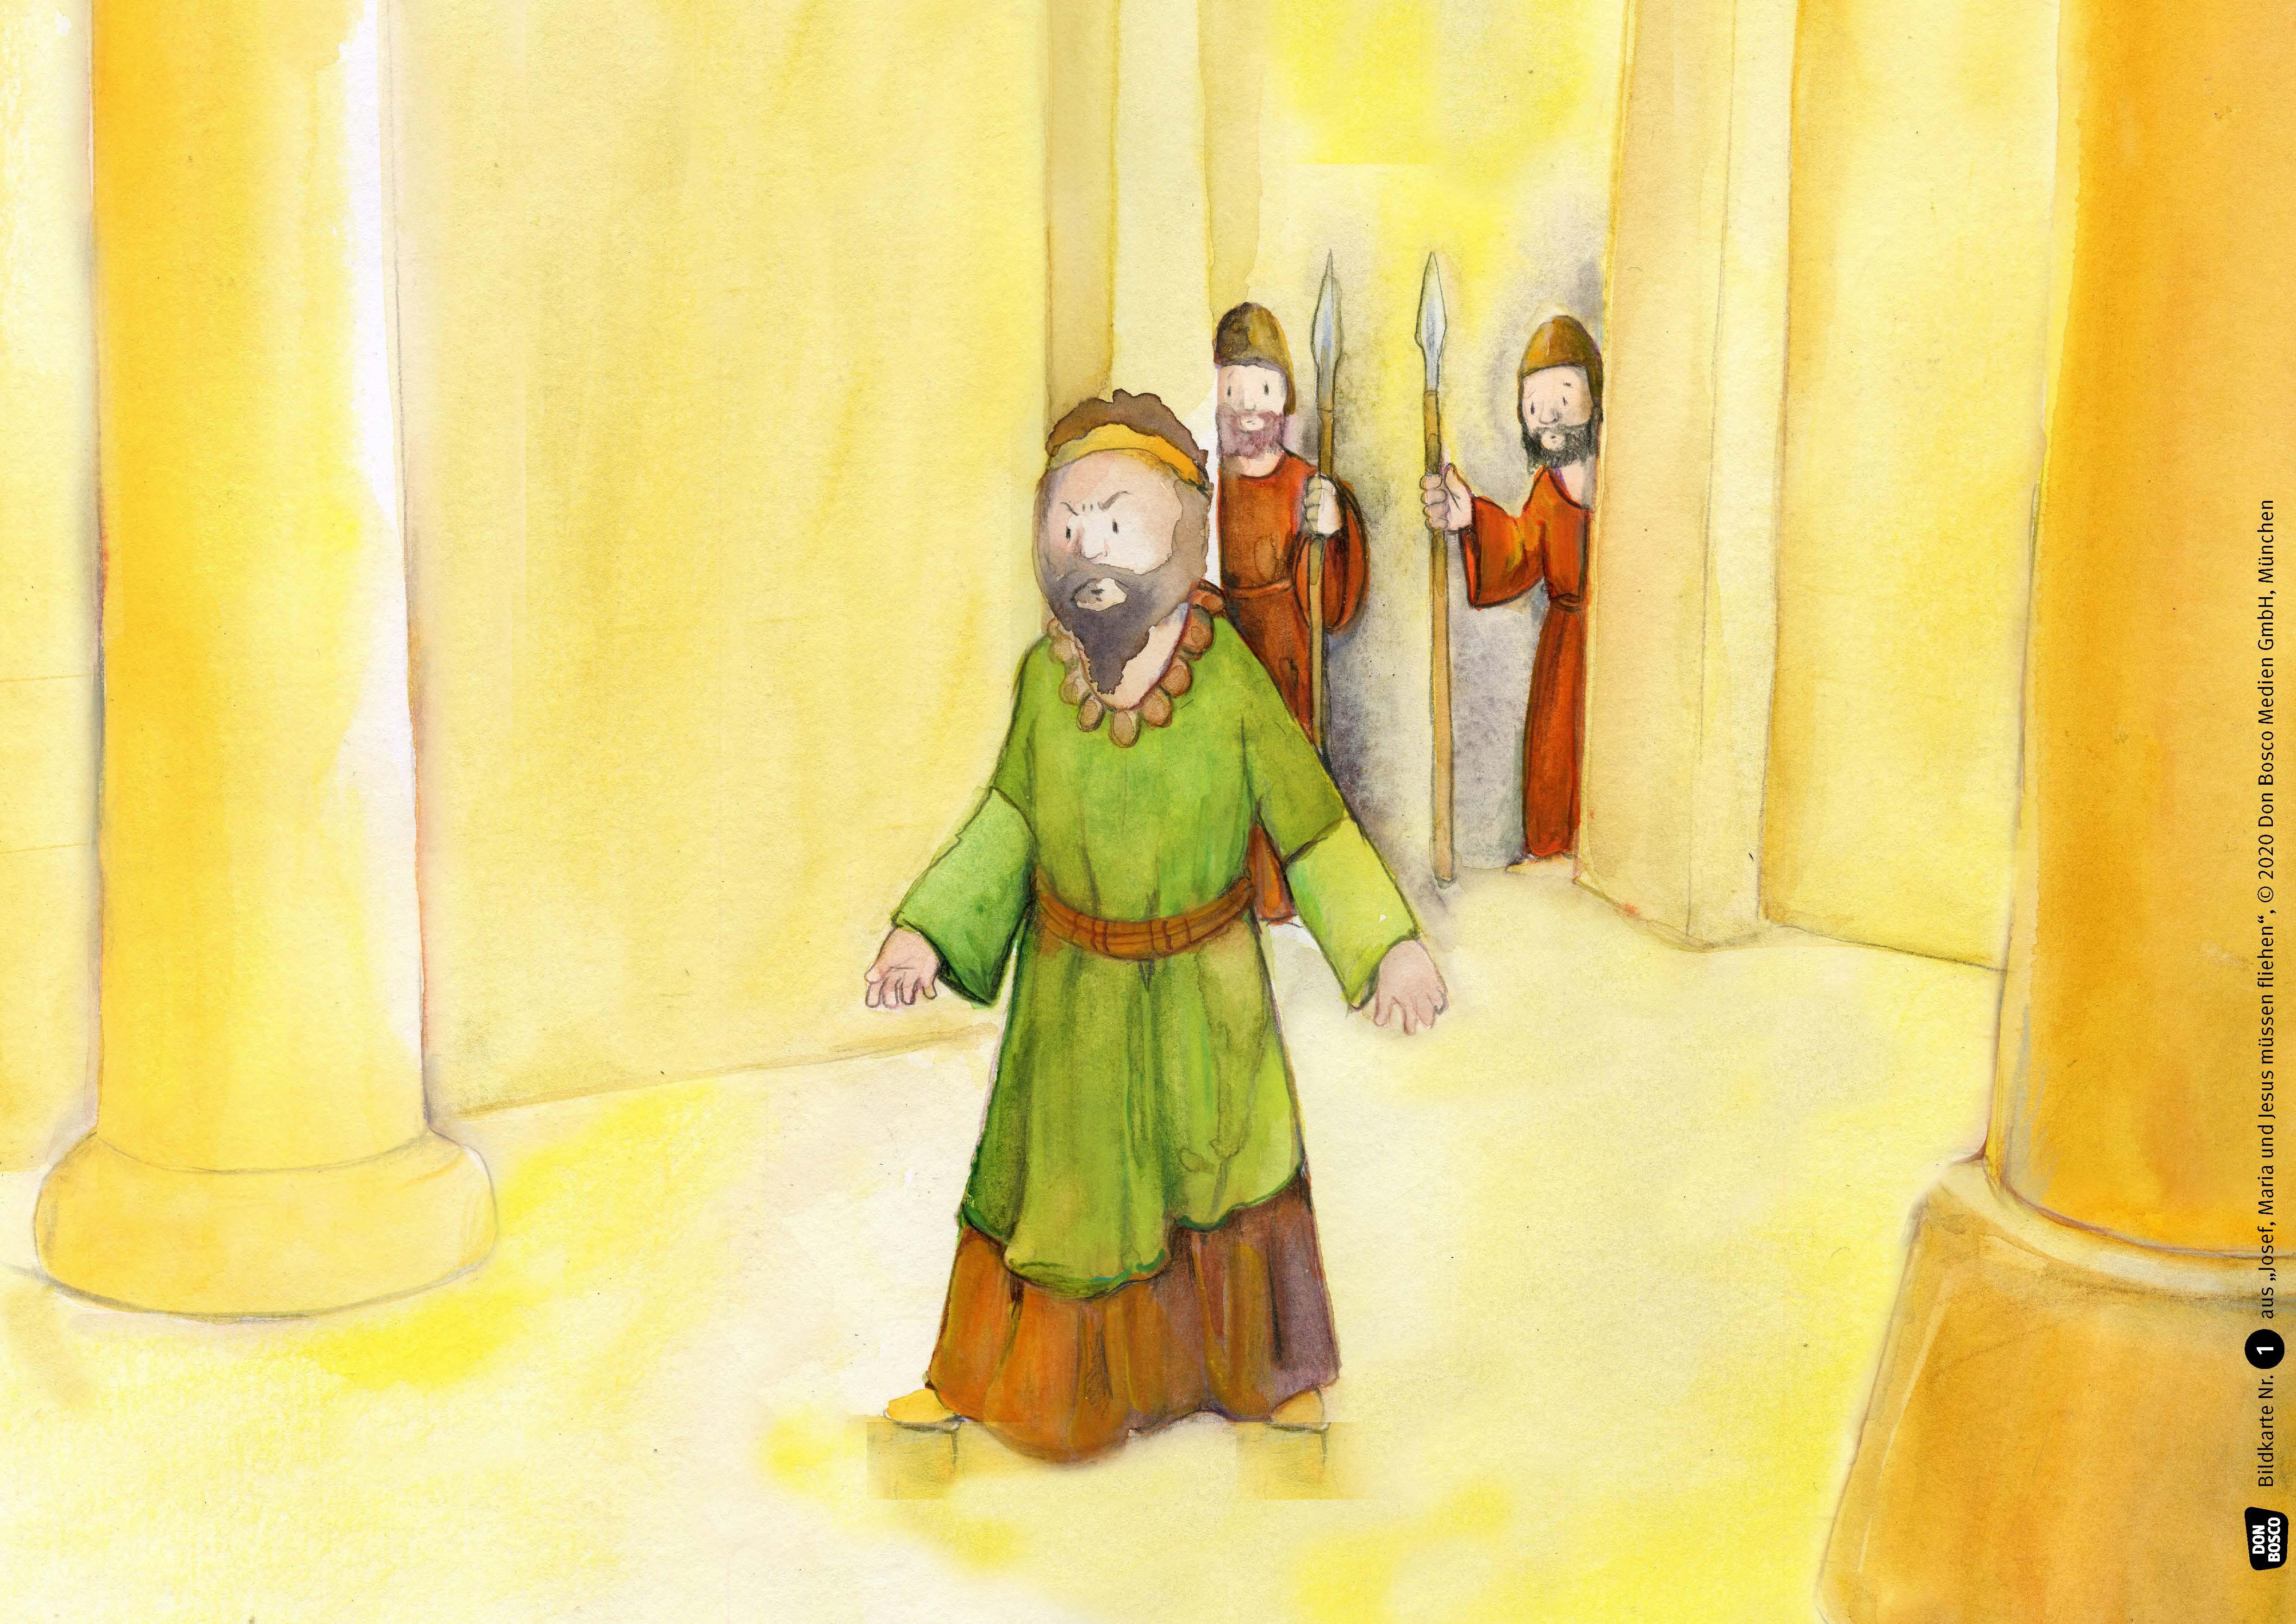 Innenansicht zu Josef, Maria und Jesus müssen fliehen. eKami.